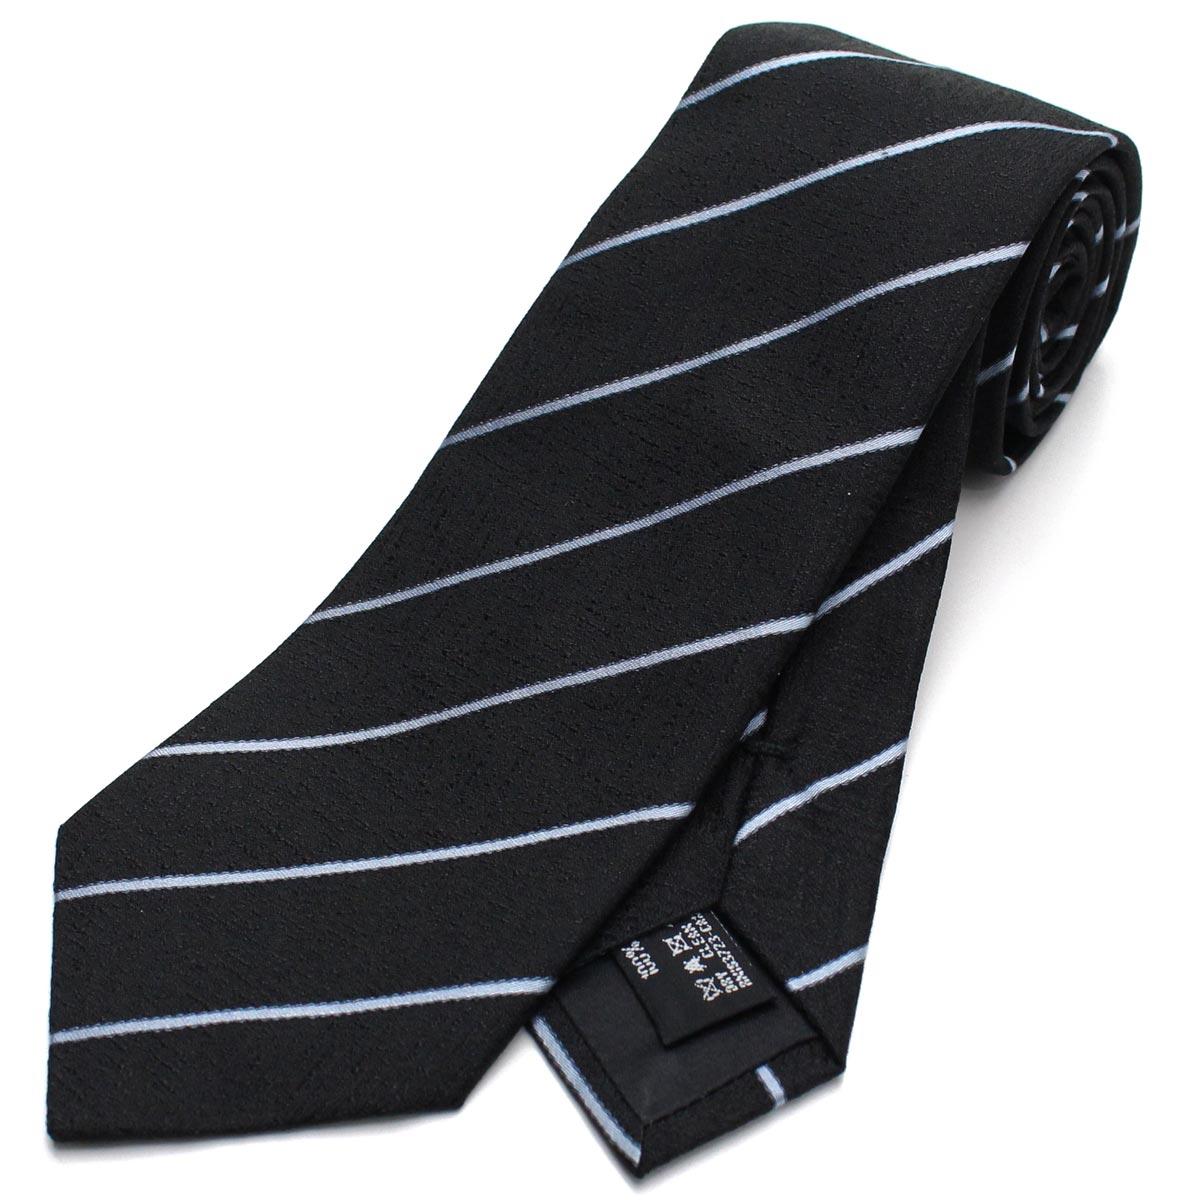 ジョルジオ アルマーニ GIORGIO ARMANI ストライプ シルク ネクタイ レギュラータイ 360054 8A920 00020 BLACK ブラック 最安値挑戦中 メンズ